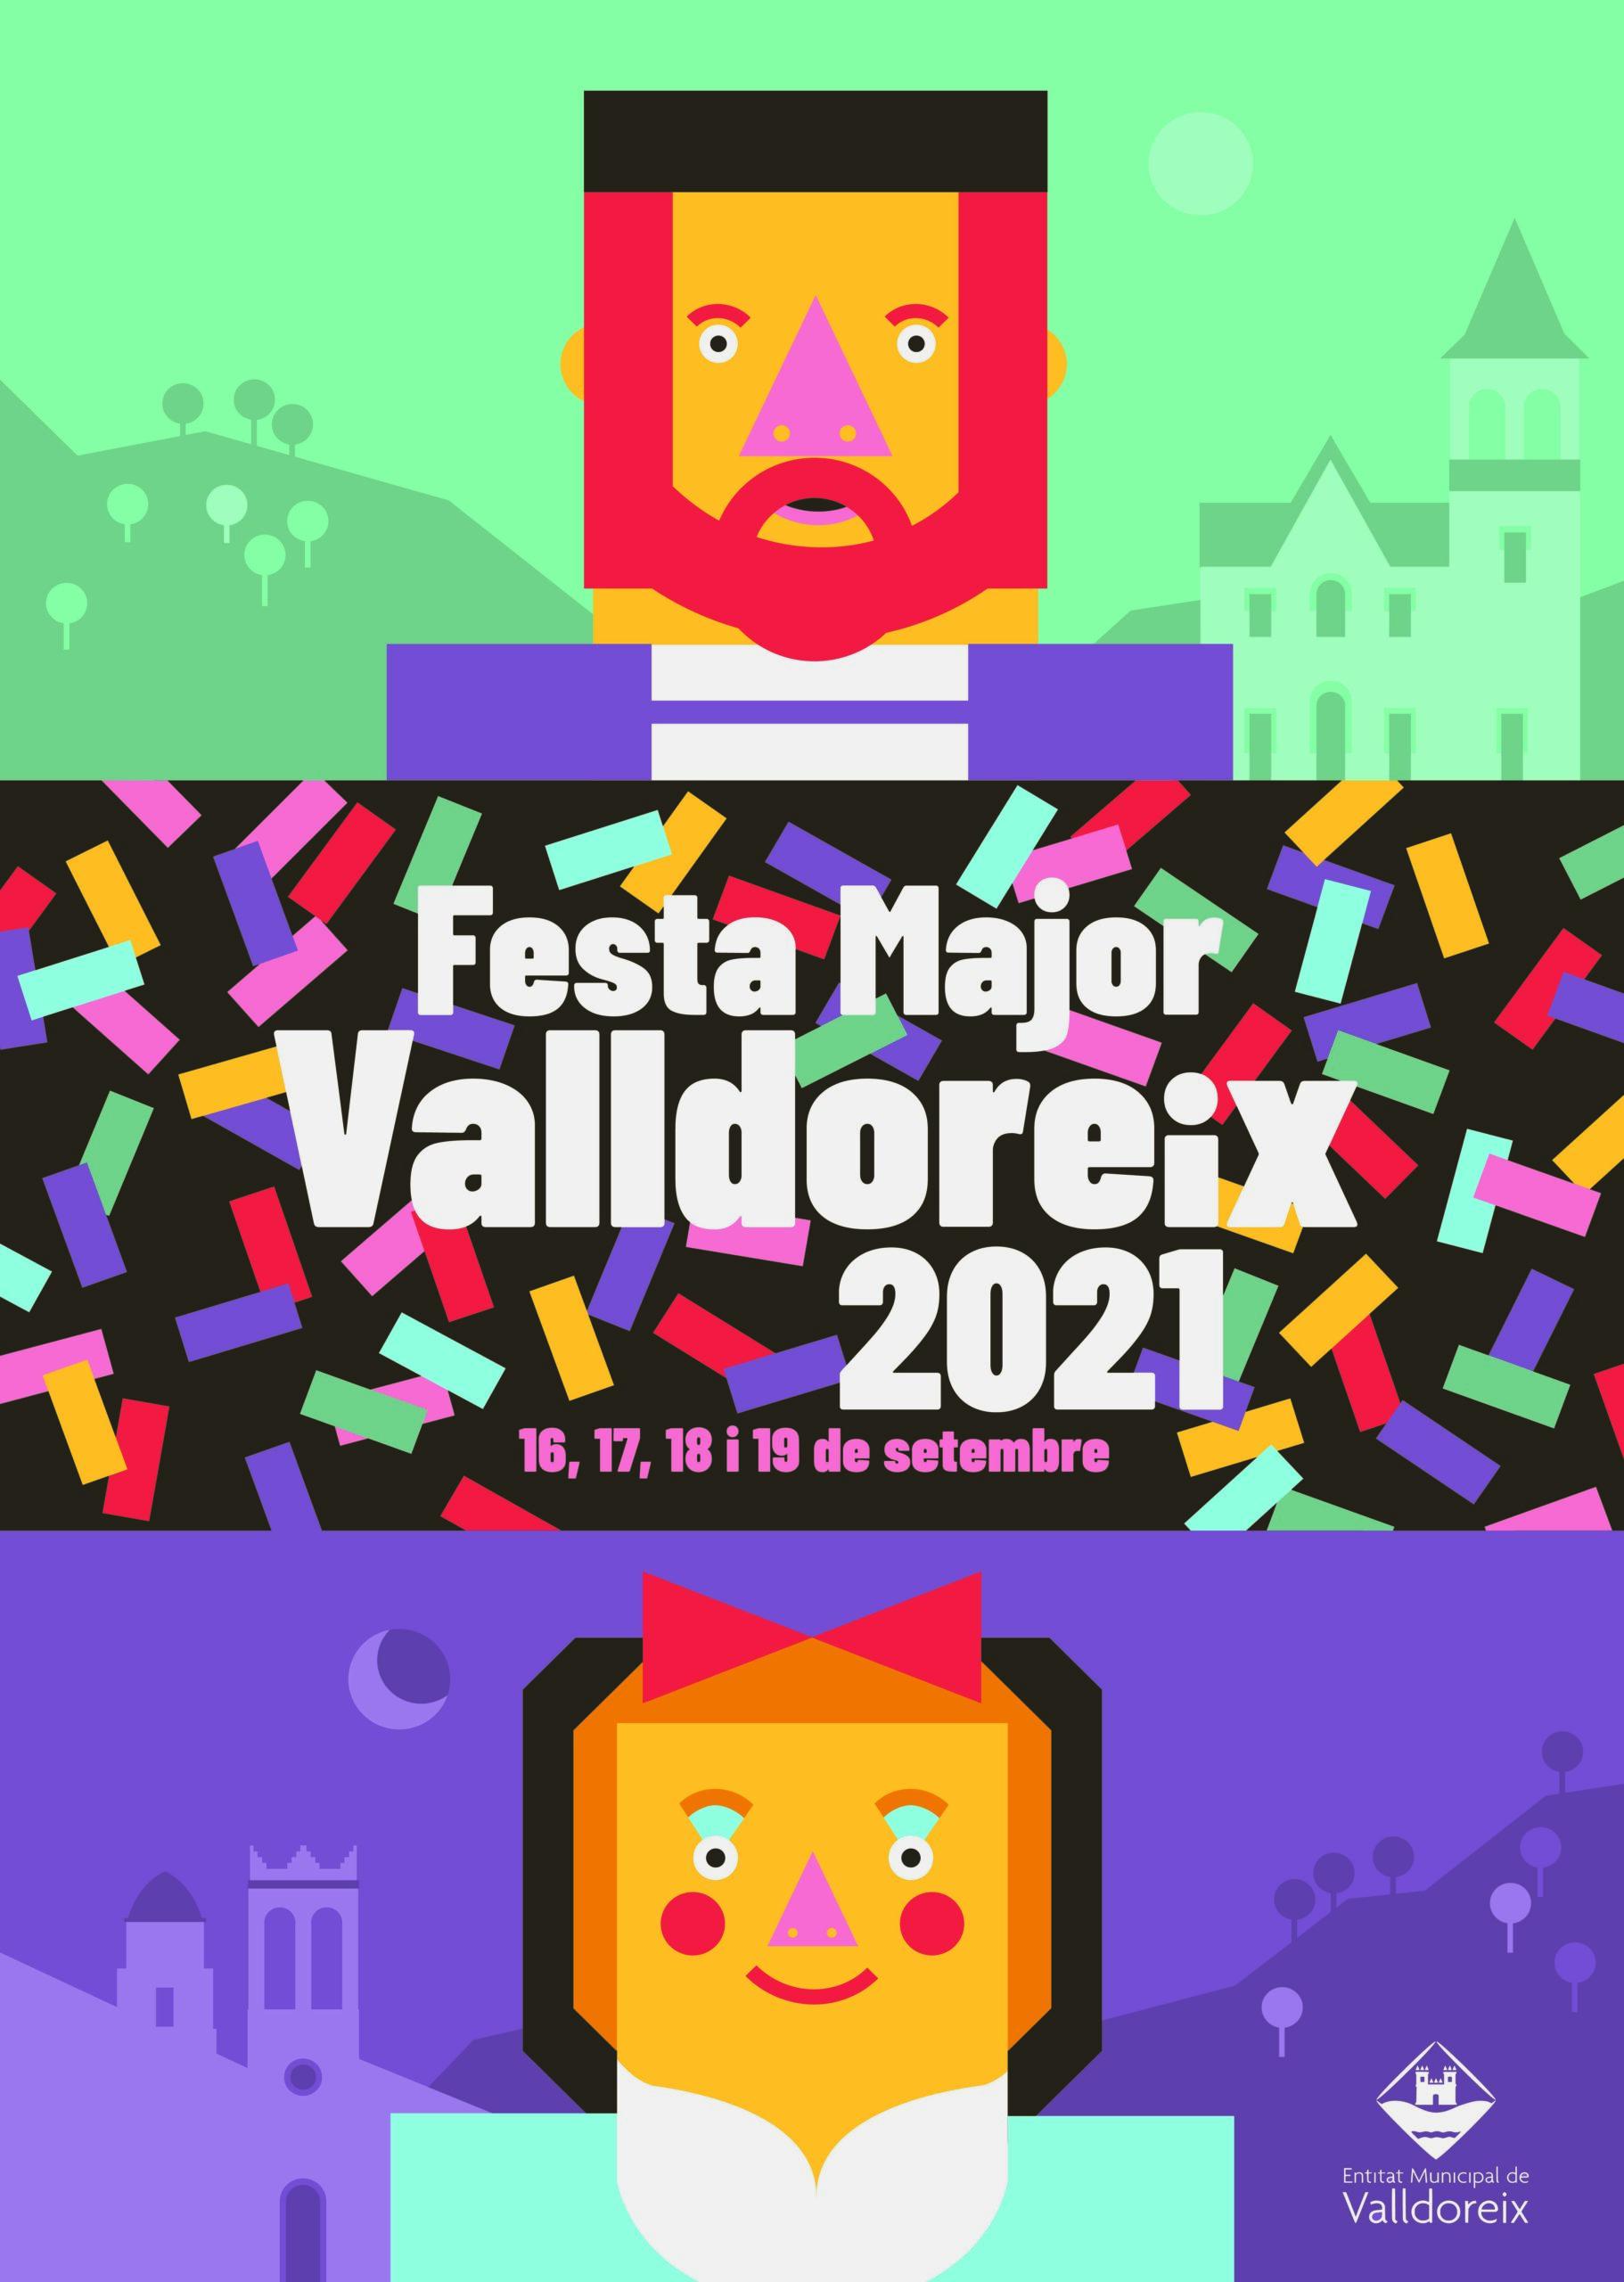 La Festa Major de Valldoreix 2021 s'encamina cap a la normalitat amb una trentena de propostes per a totes les edats